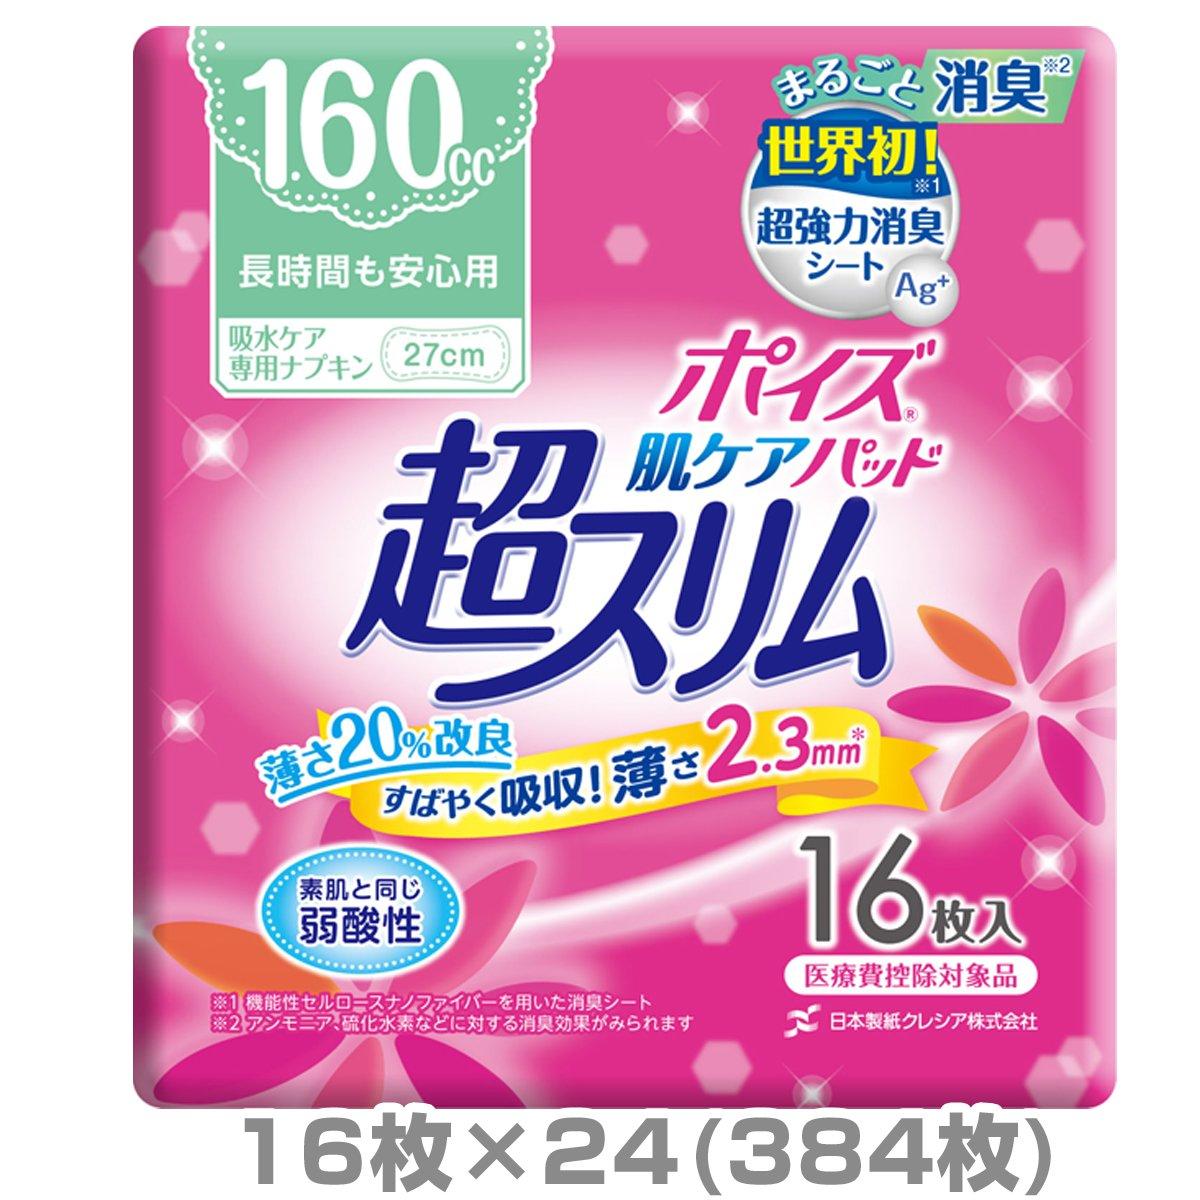 日本製紙クレシア ポイズ 肌ケアパッド 超スリム 長時間も安心用 (160cc) 16枚×24(384枚) 80736 B01MQM68PH